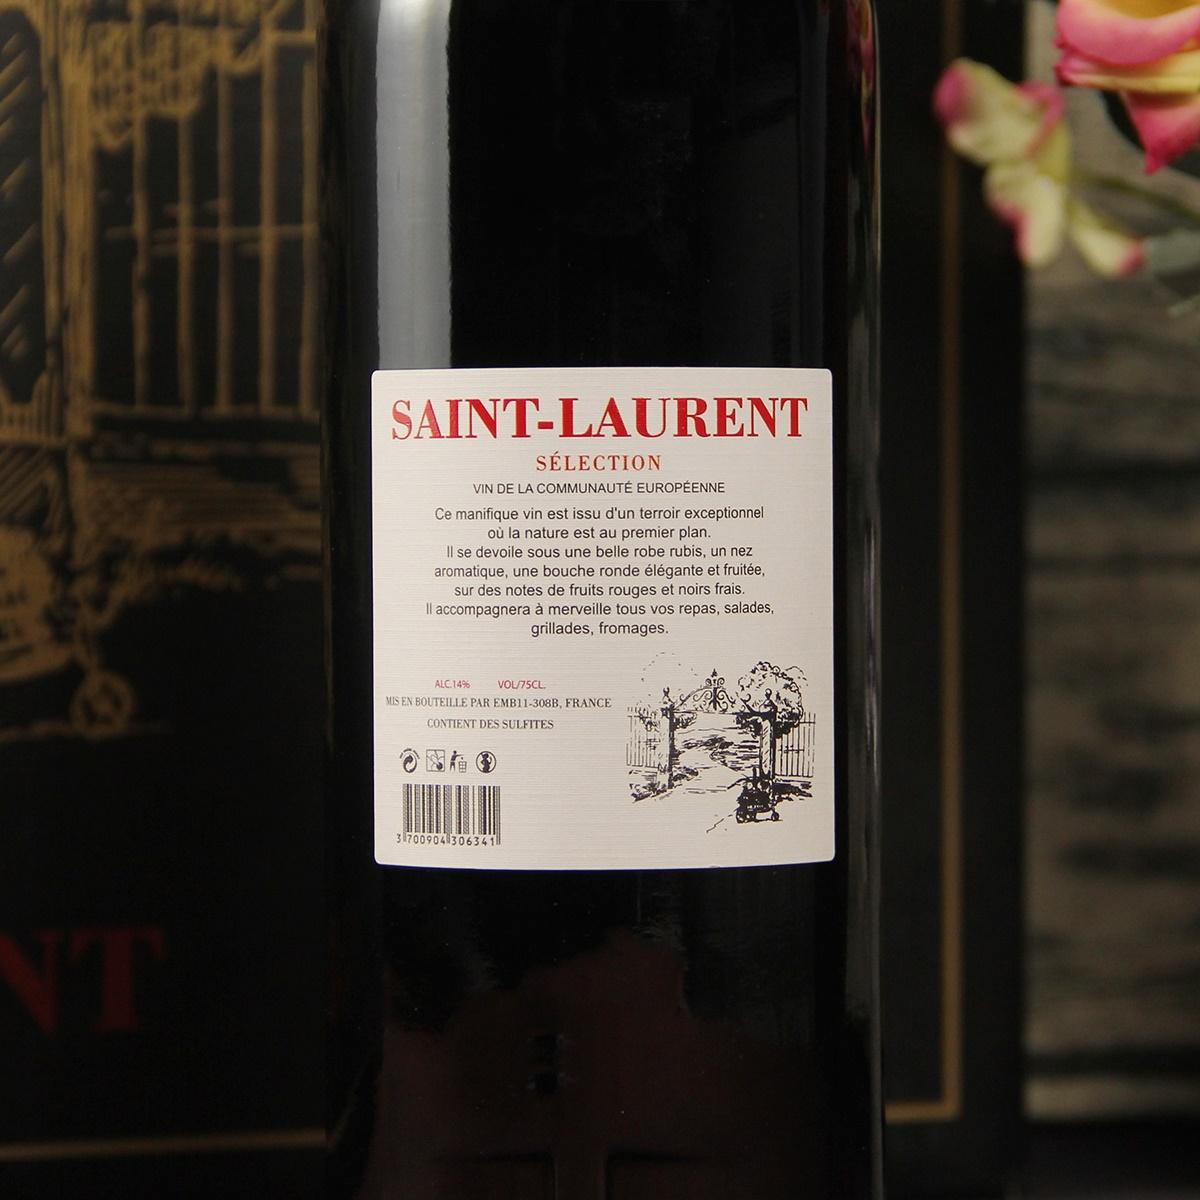 法國波爾多兩海之間圣羅蘭酒莊赤霞珠梅洛VCE干紅葡萄酒